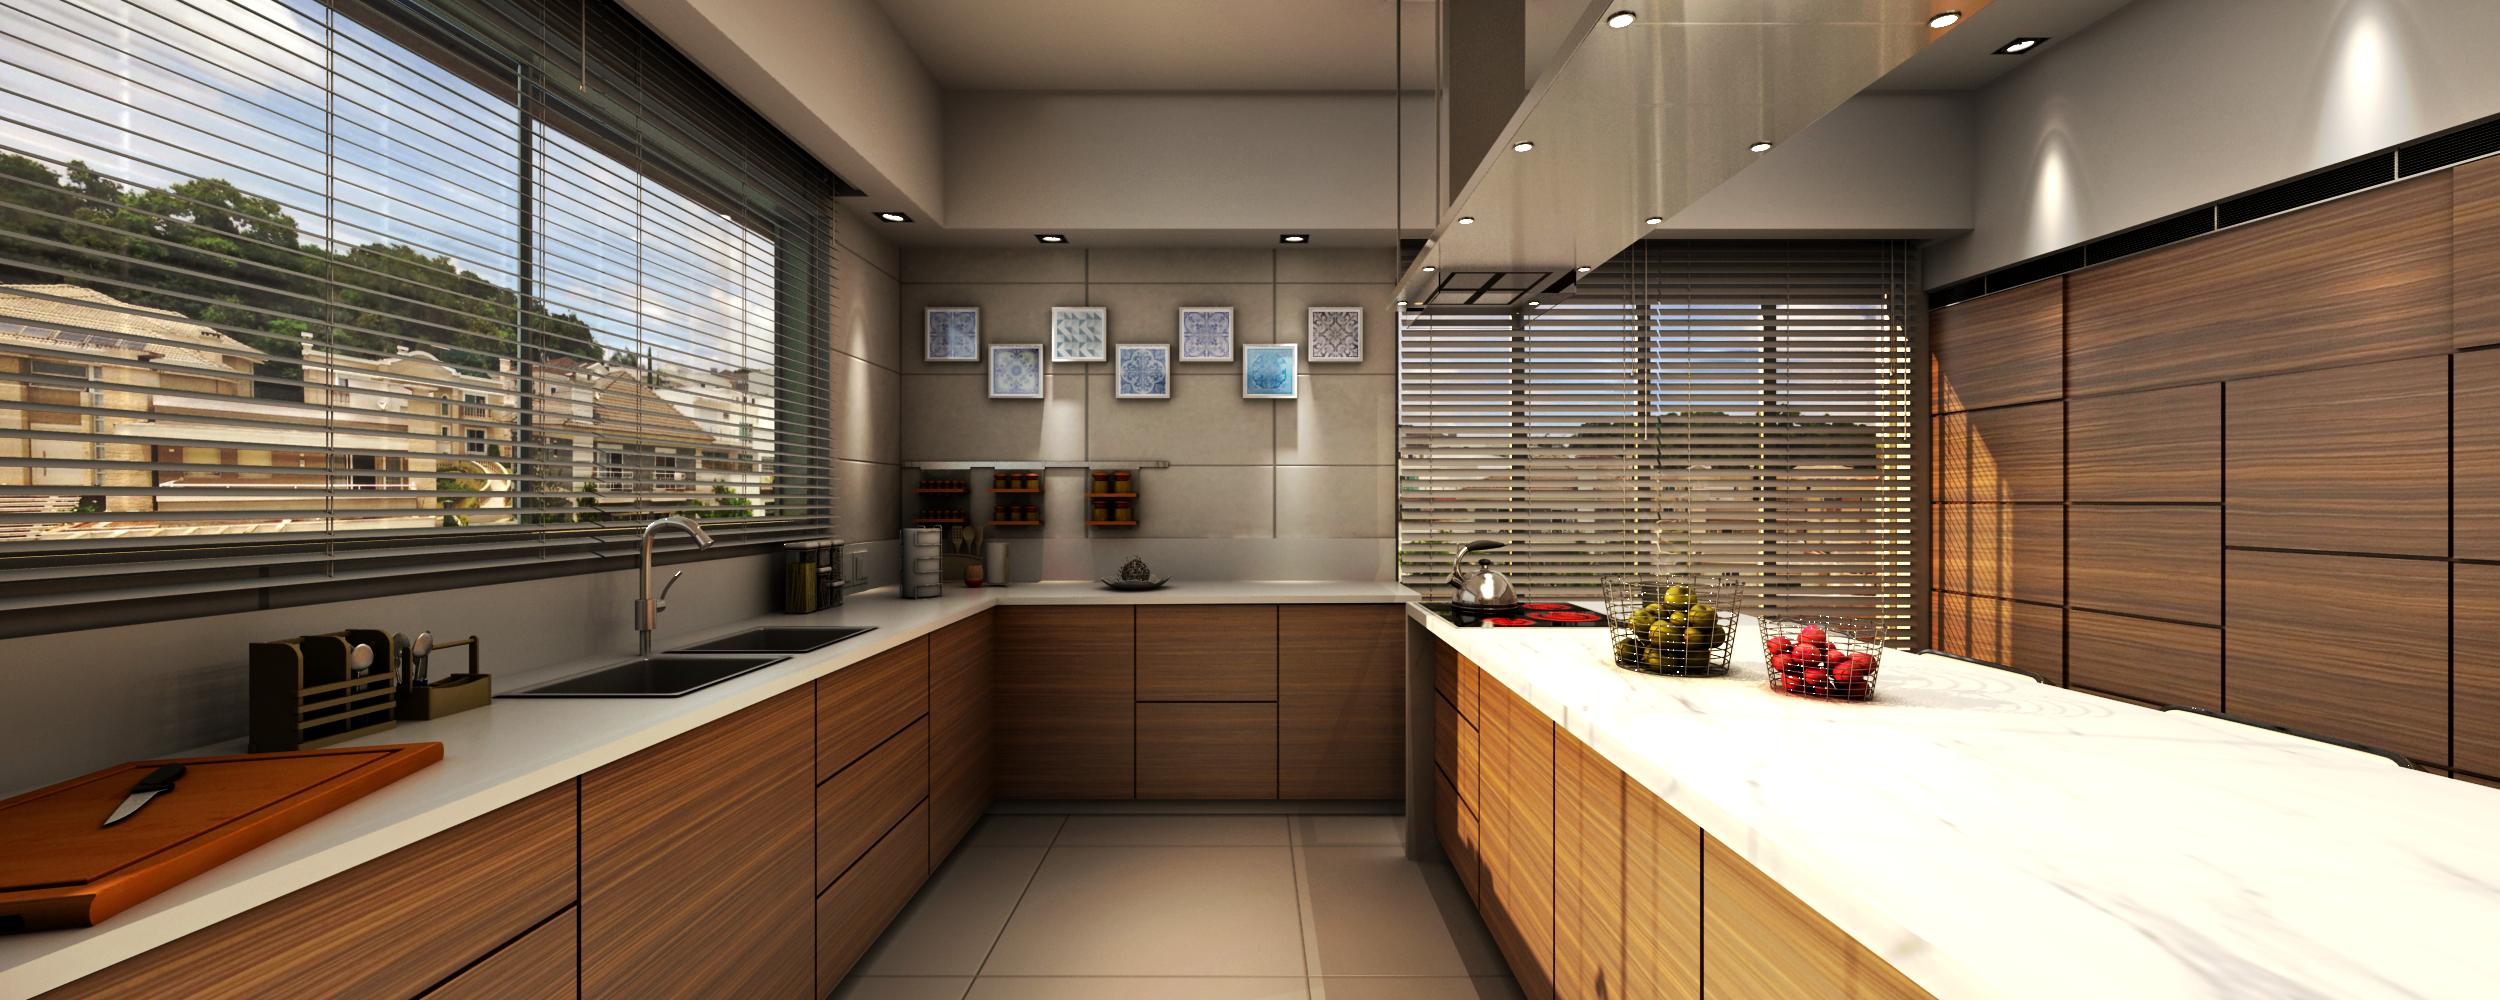 Projeto Aguinaldo e Flavia - Cozinha - Perspectiva FSF Arquitetura 03.png